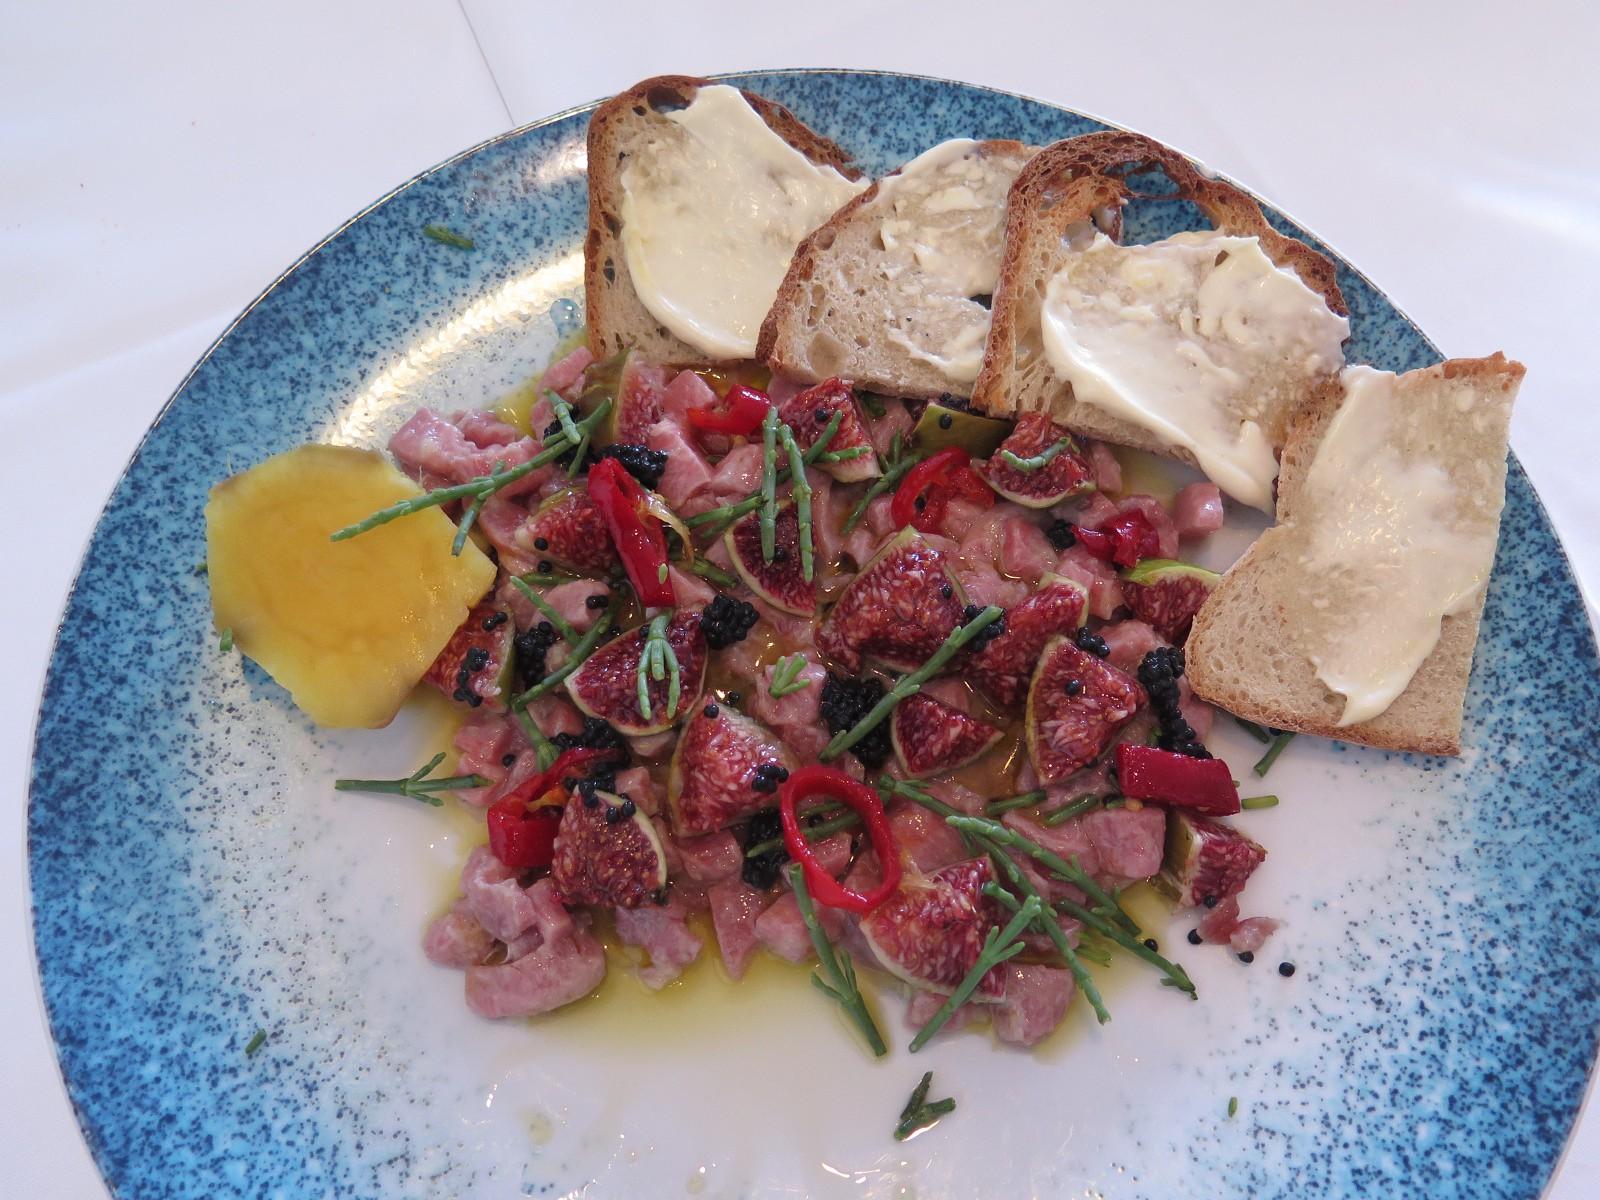 Ceviche de barriga de atum rabilho, com figos